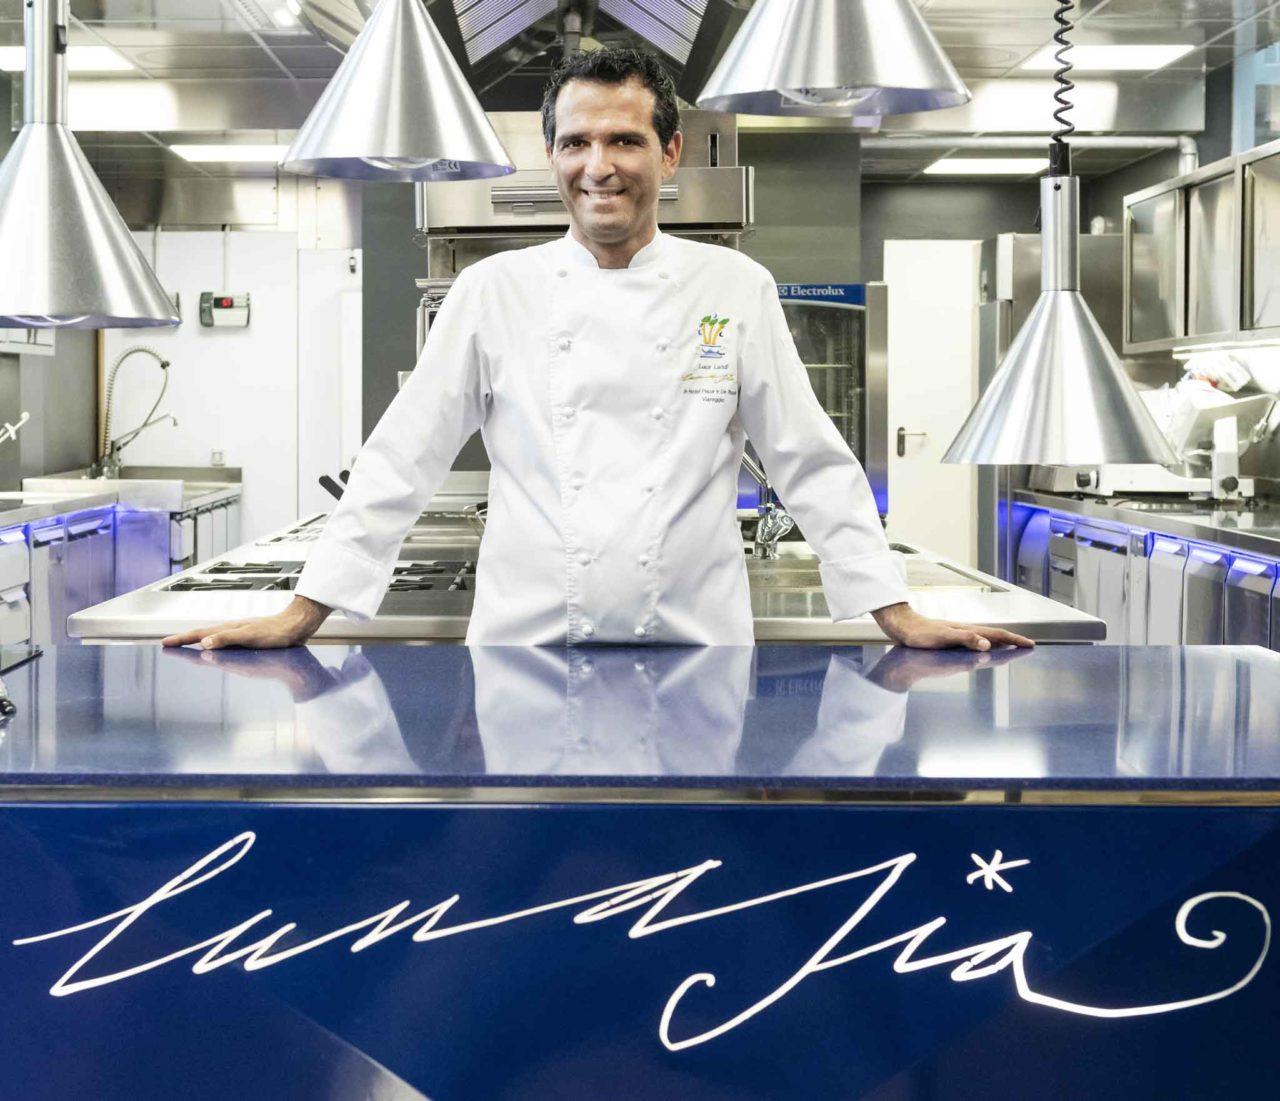 Luca Landi chef del ristorante stellato Lunasia a Viareggio